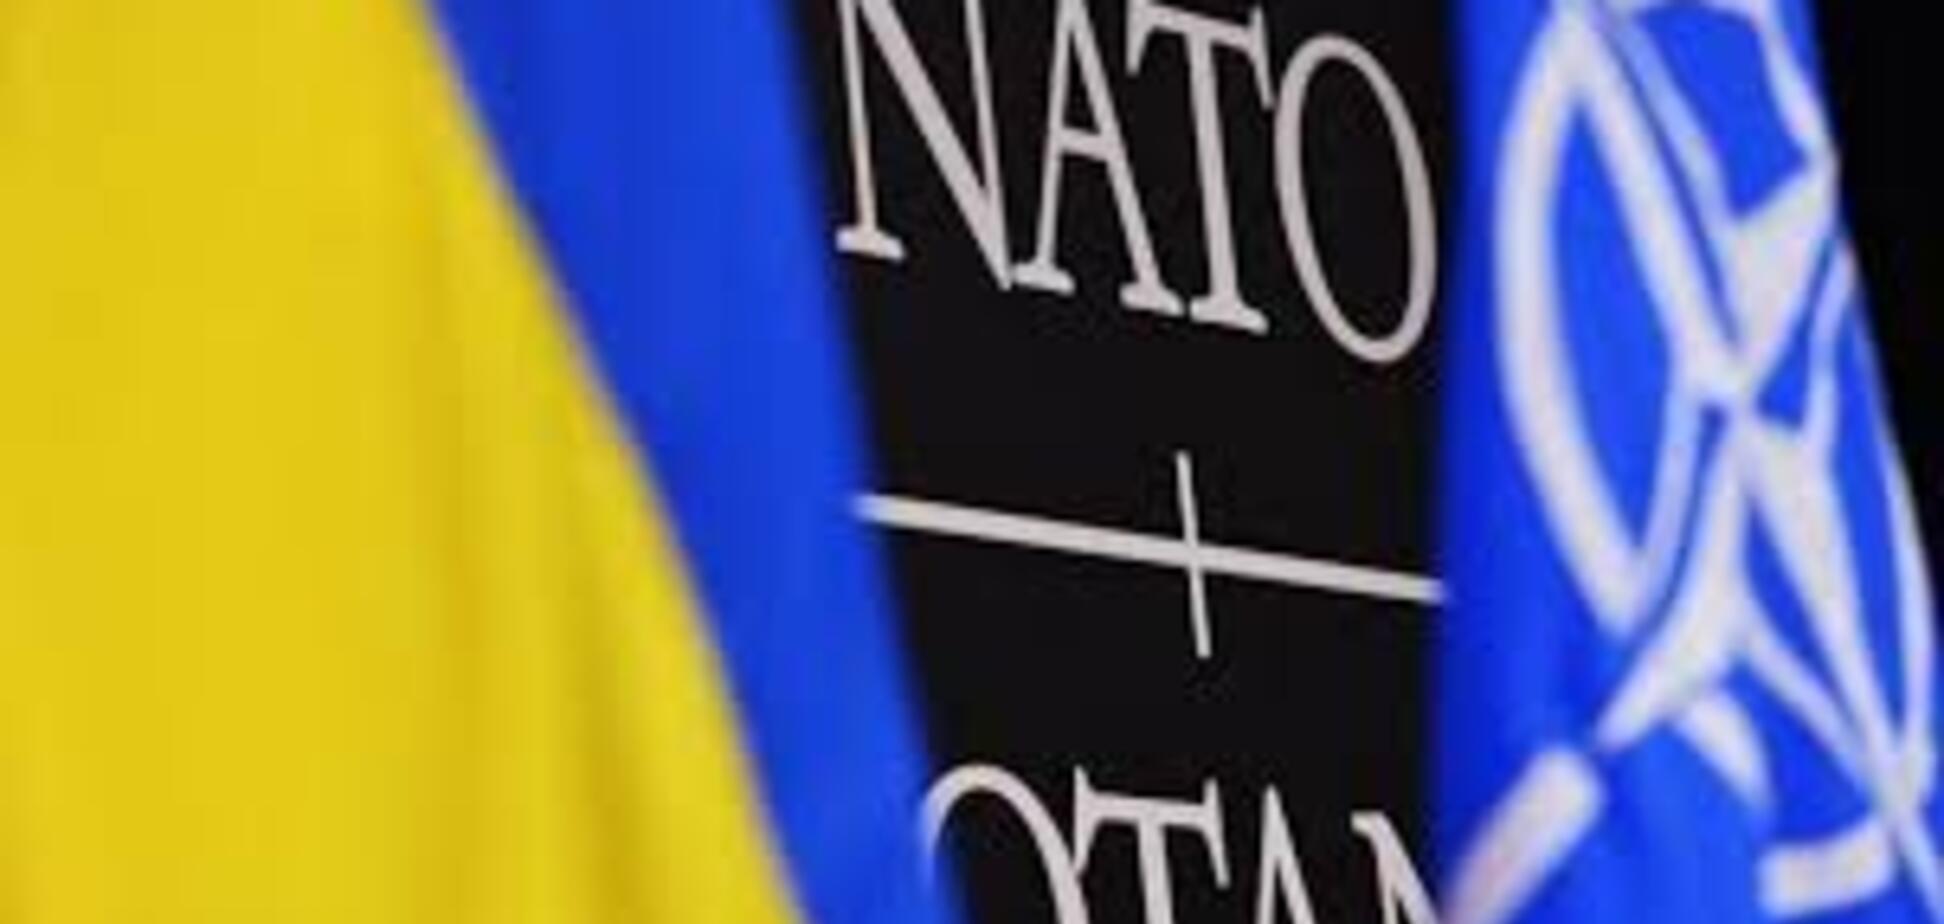 Эскалация войны в Украине: в НАТО призвали Россию уйти с Донбасса